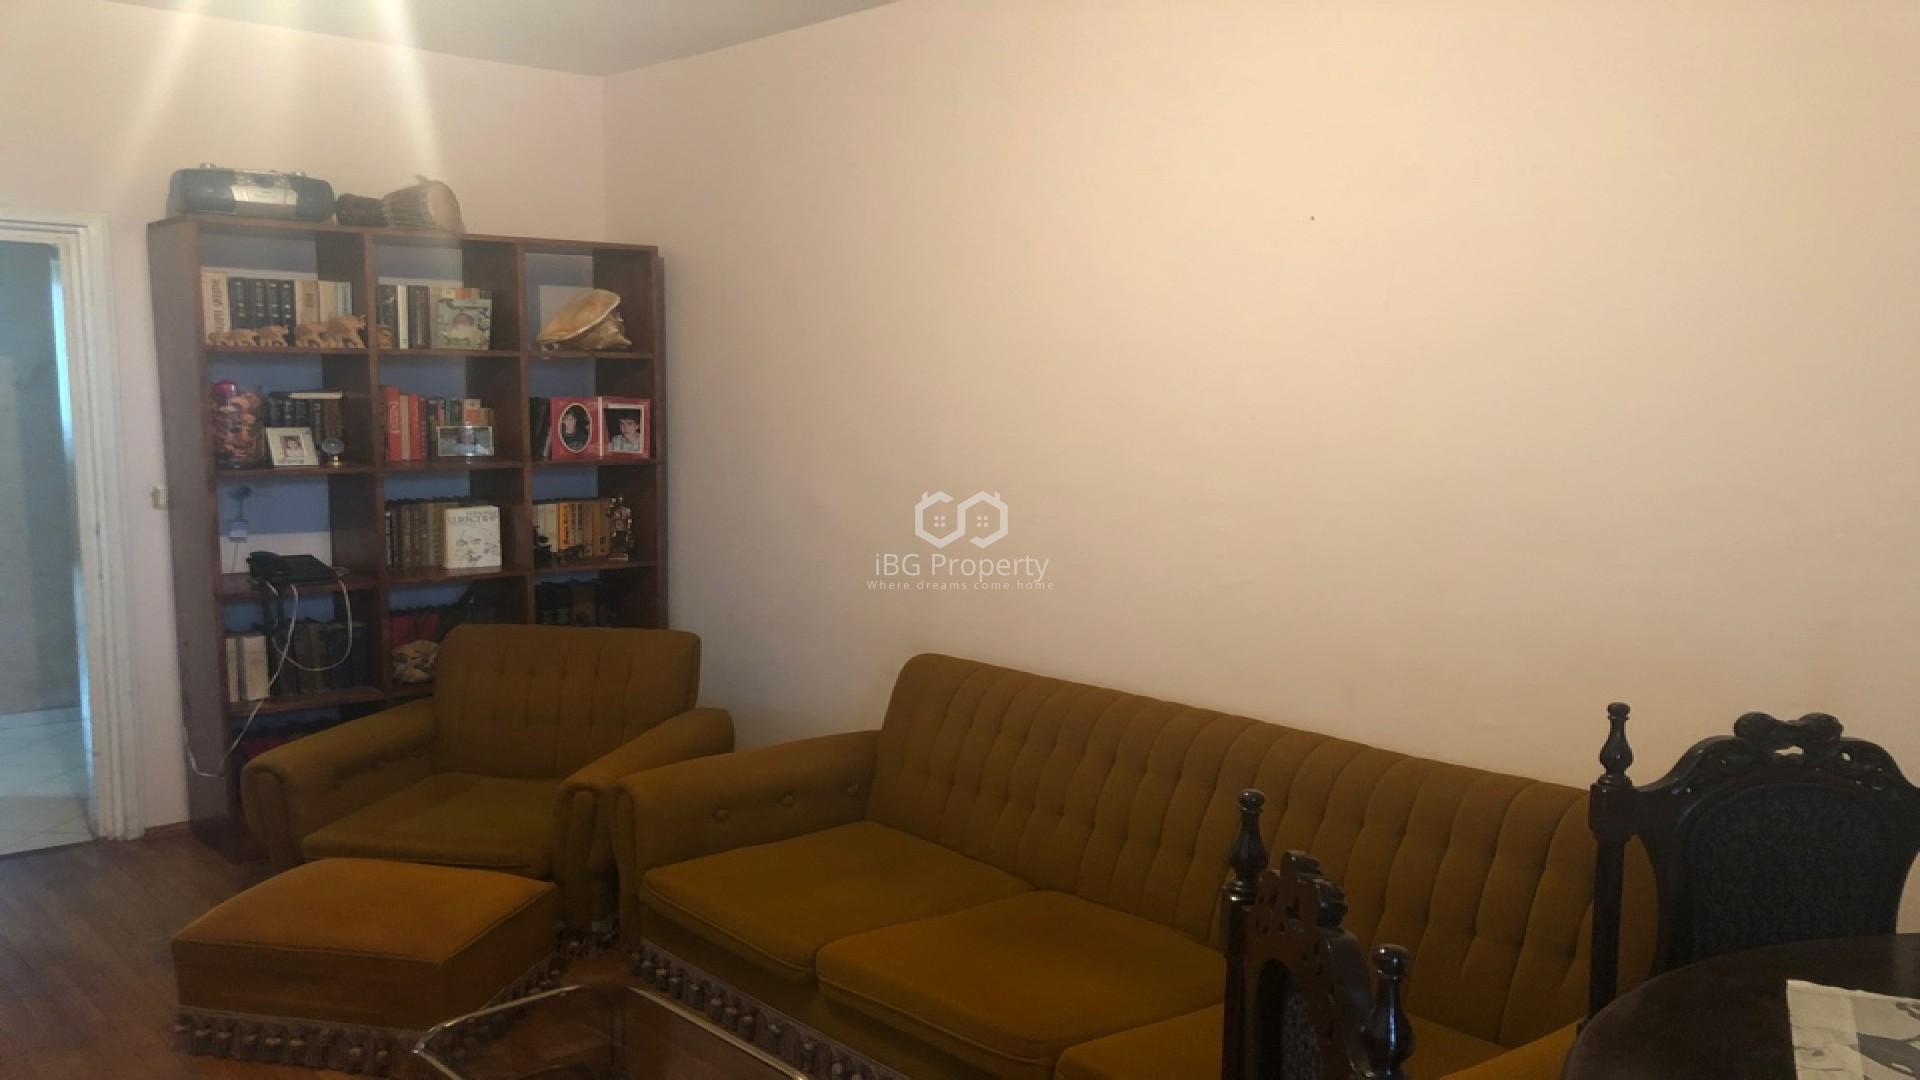 Трехкомнатная квартира Широк център Варна 91 m2